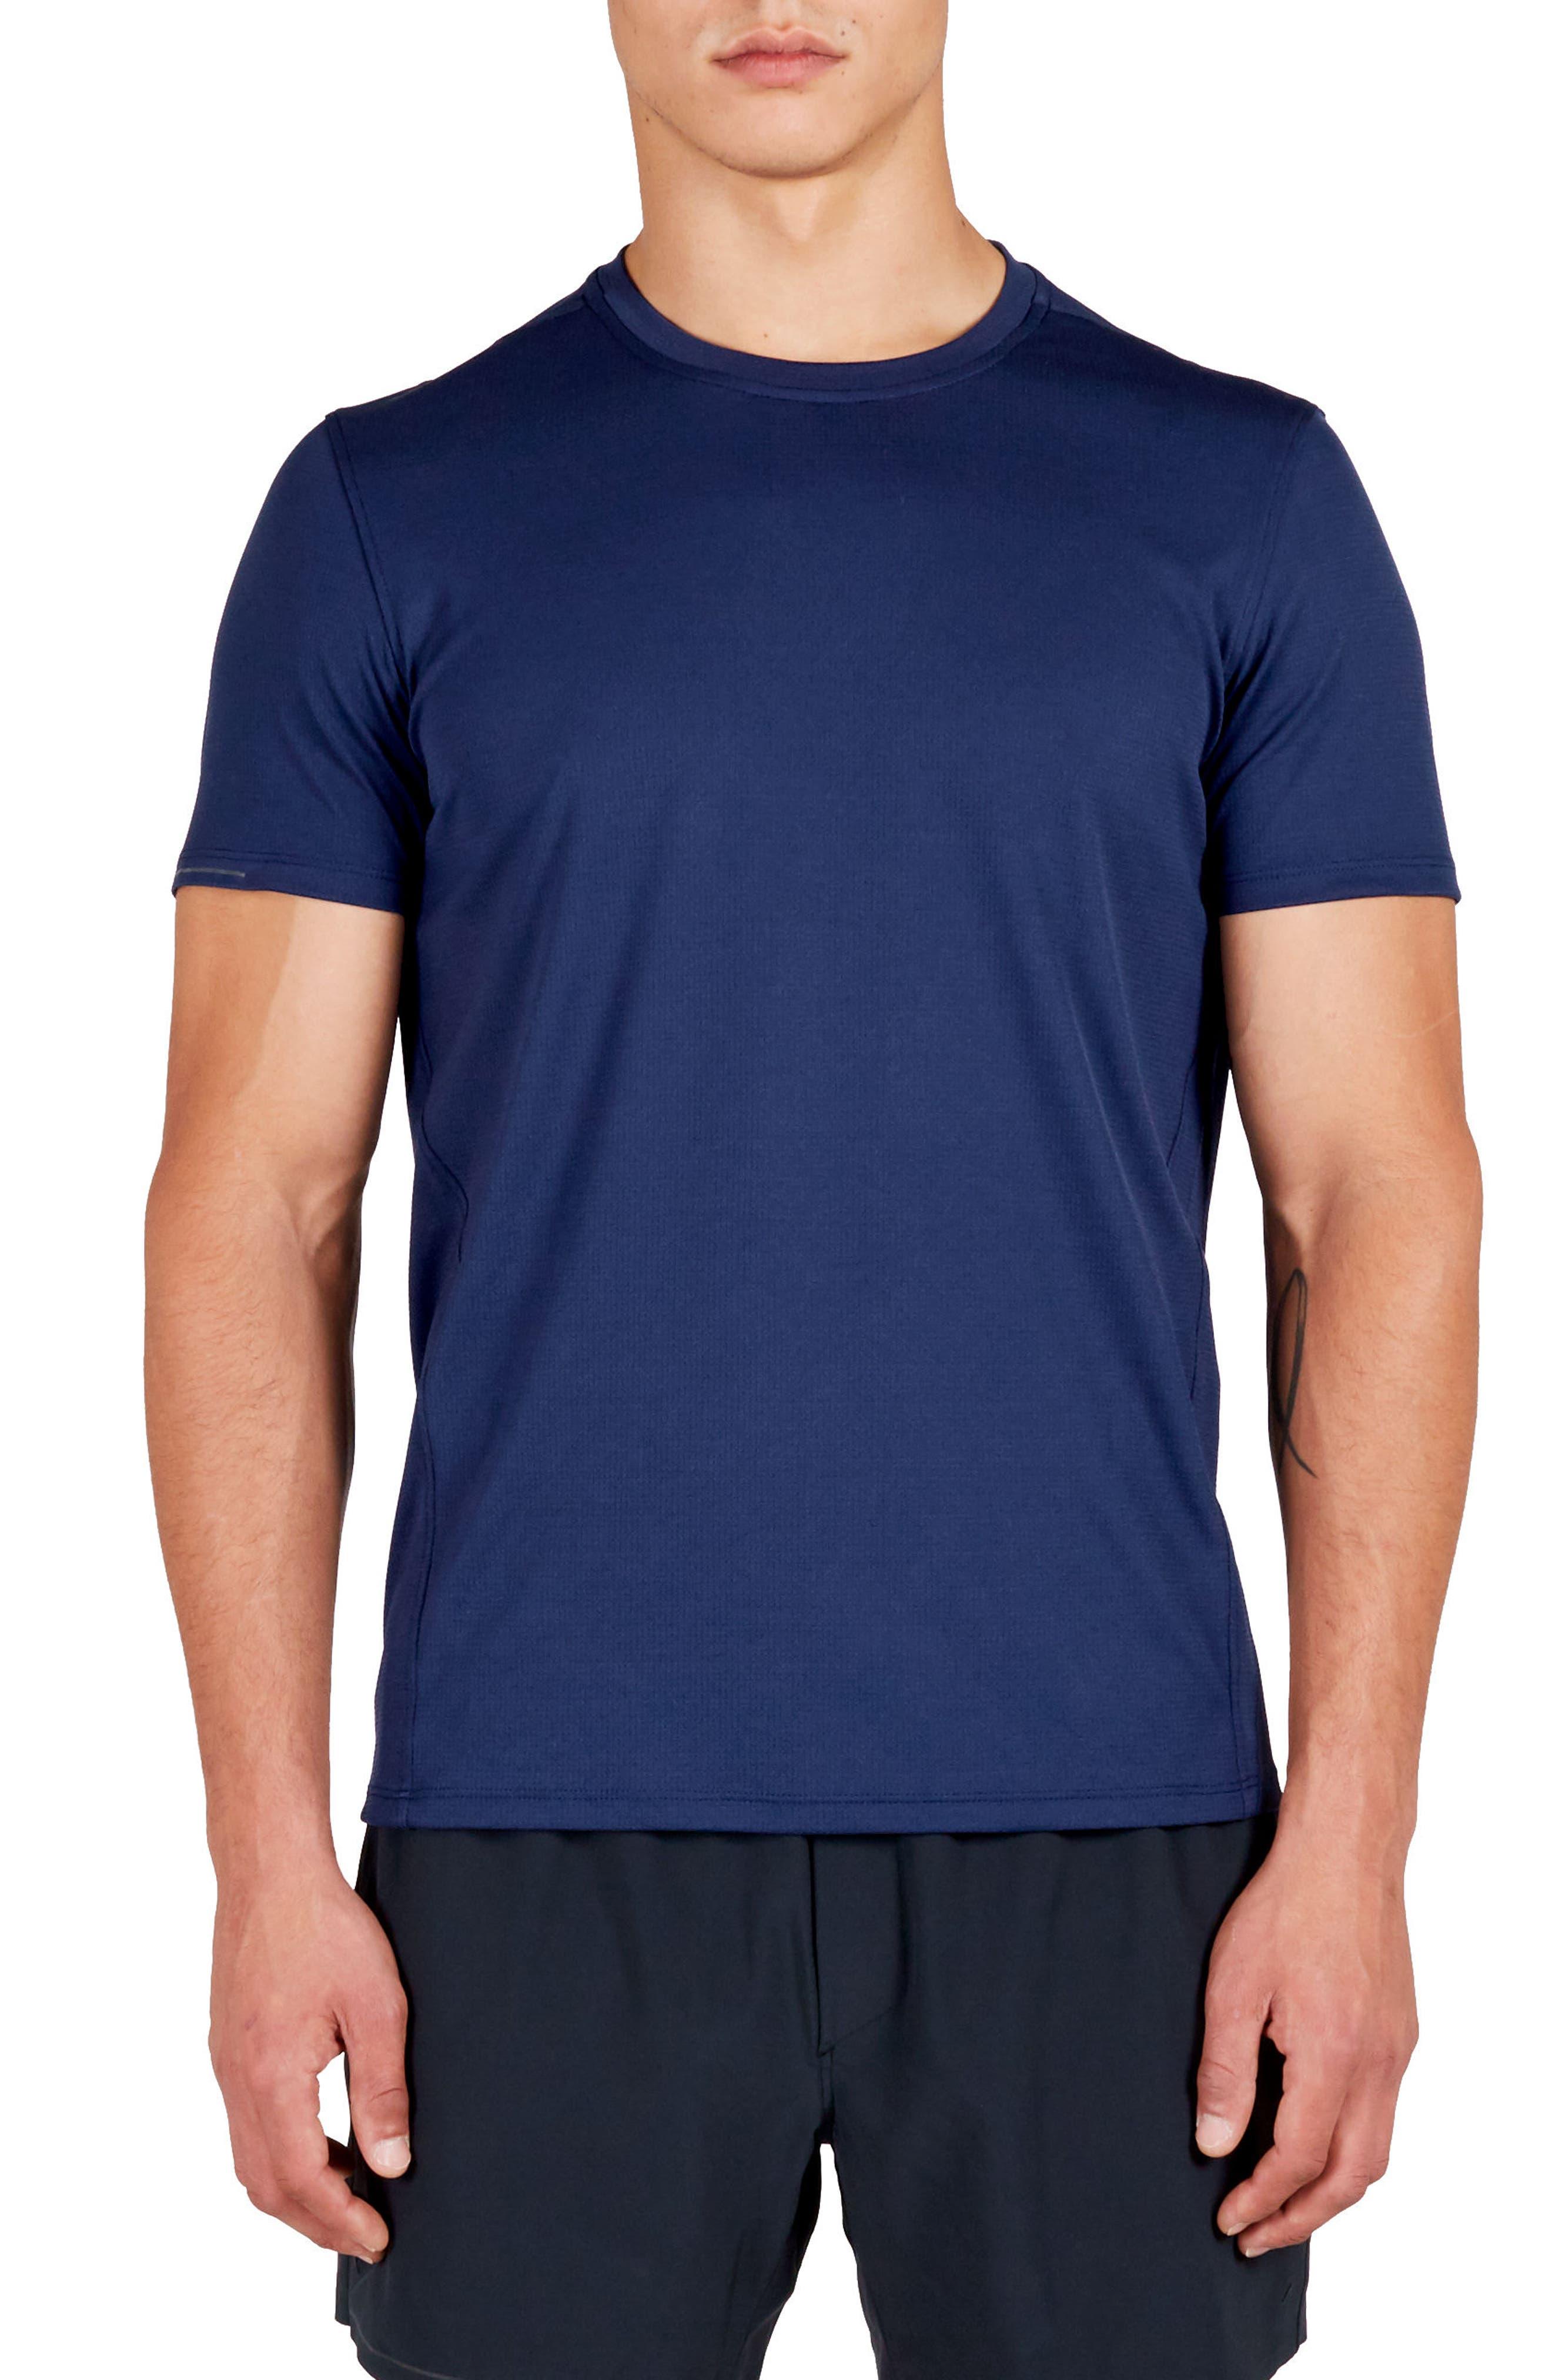 Main Image - Ten Thousand Distance Crewneck T-Shirt